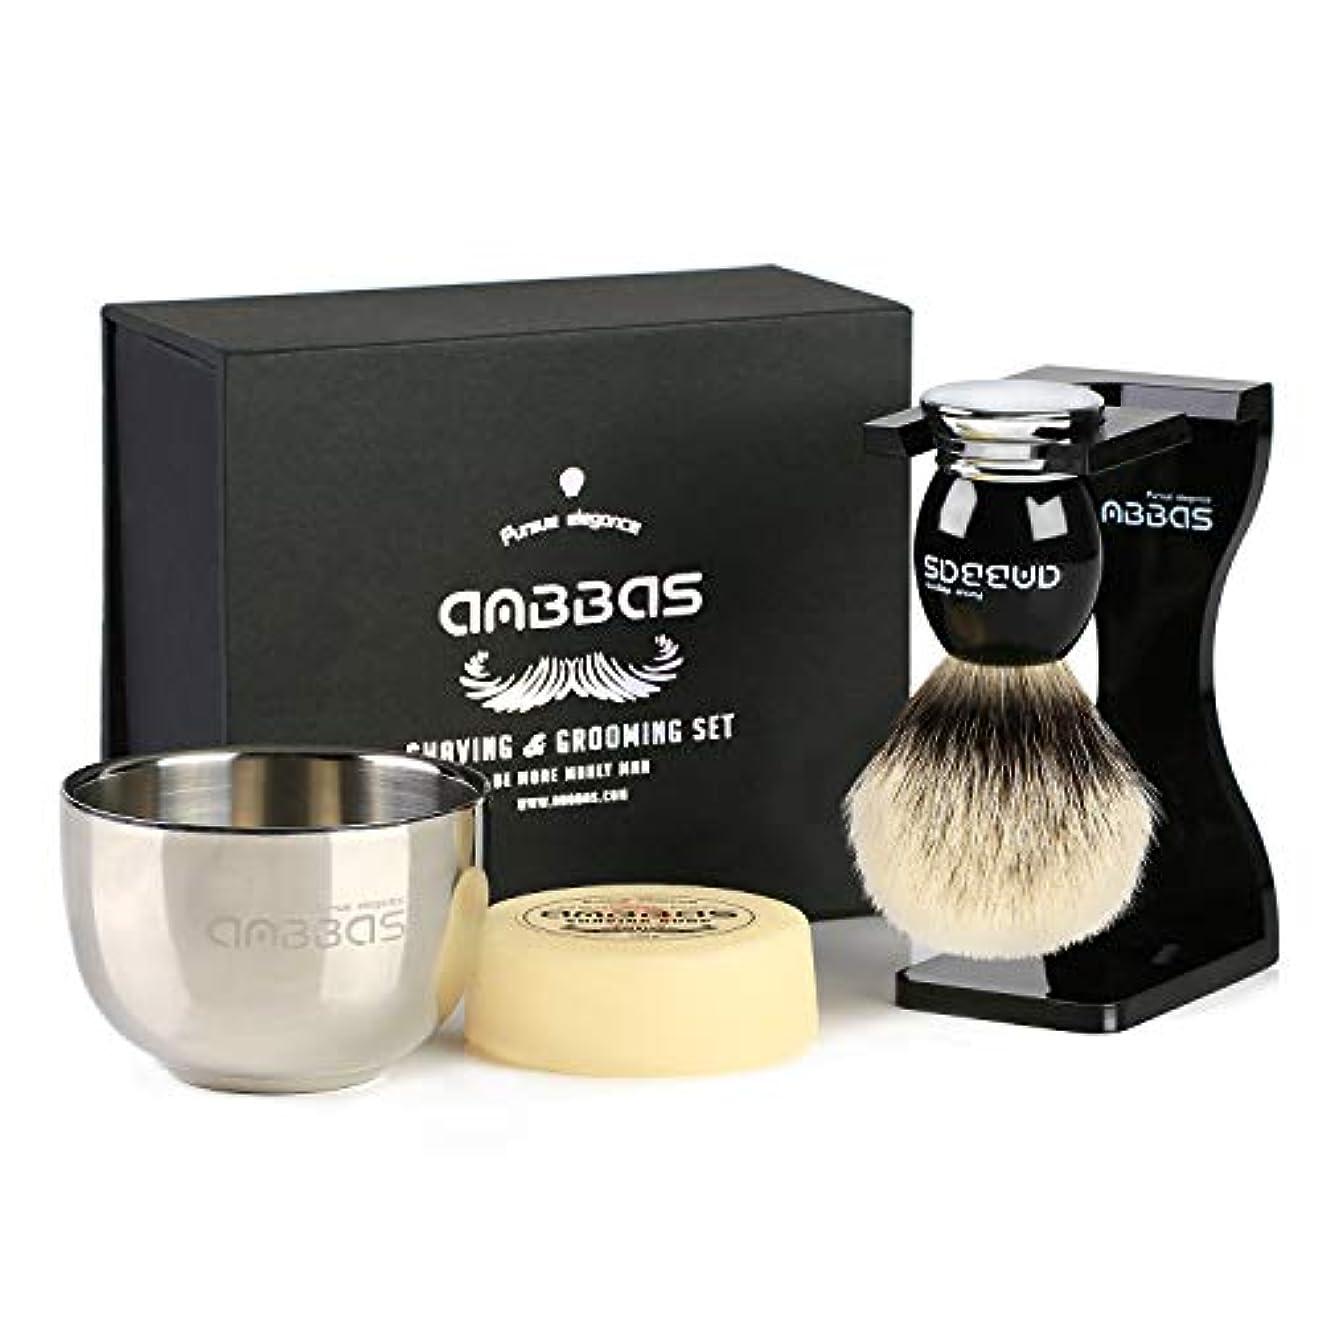 Easy Rake®シェービングブラシセット ひげブラシ アナグマ毛 髭剃り 泡立ち メンズ 純粋なバッガーヘアシェービングブラシ (ブラシ+スタンド+シェービングボウル+ヤギミルク)